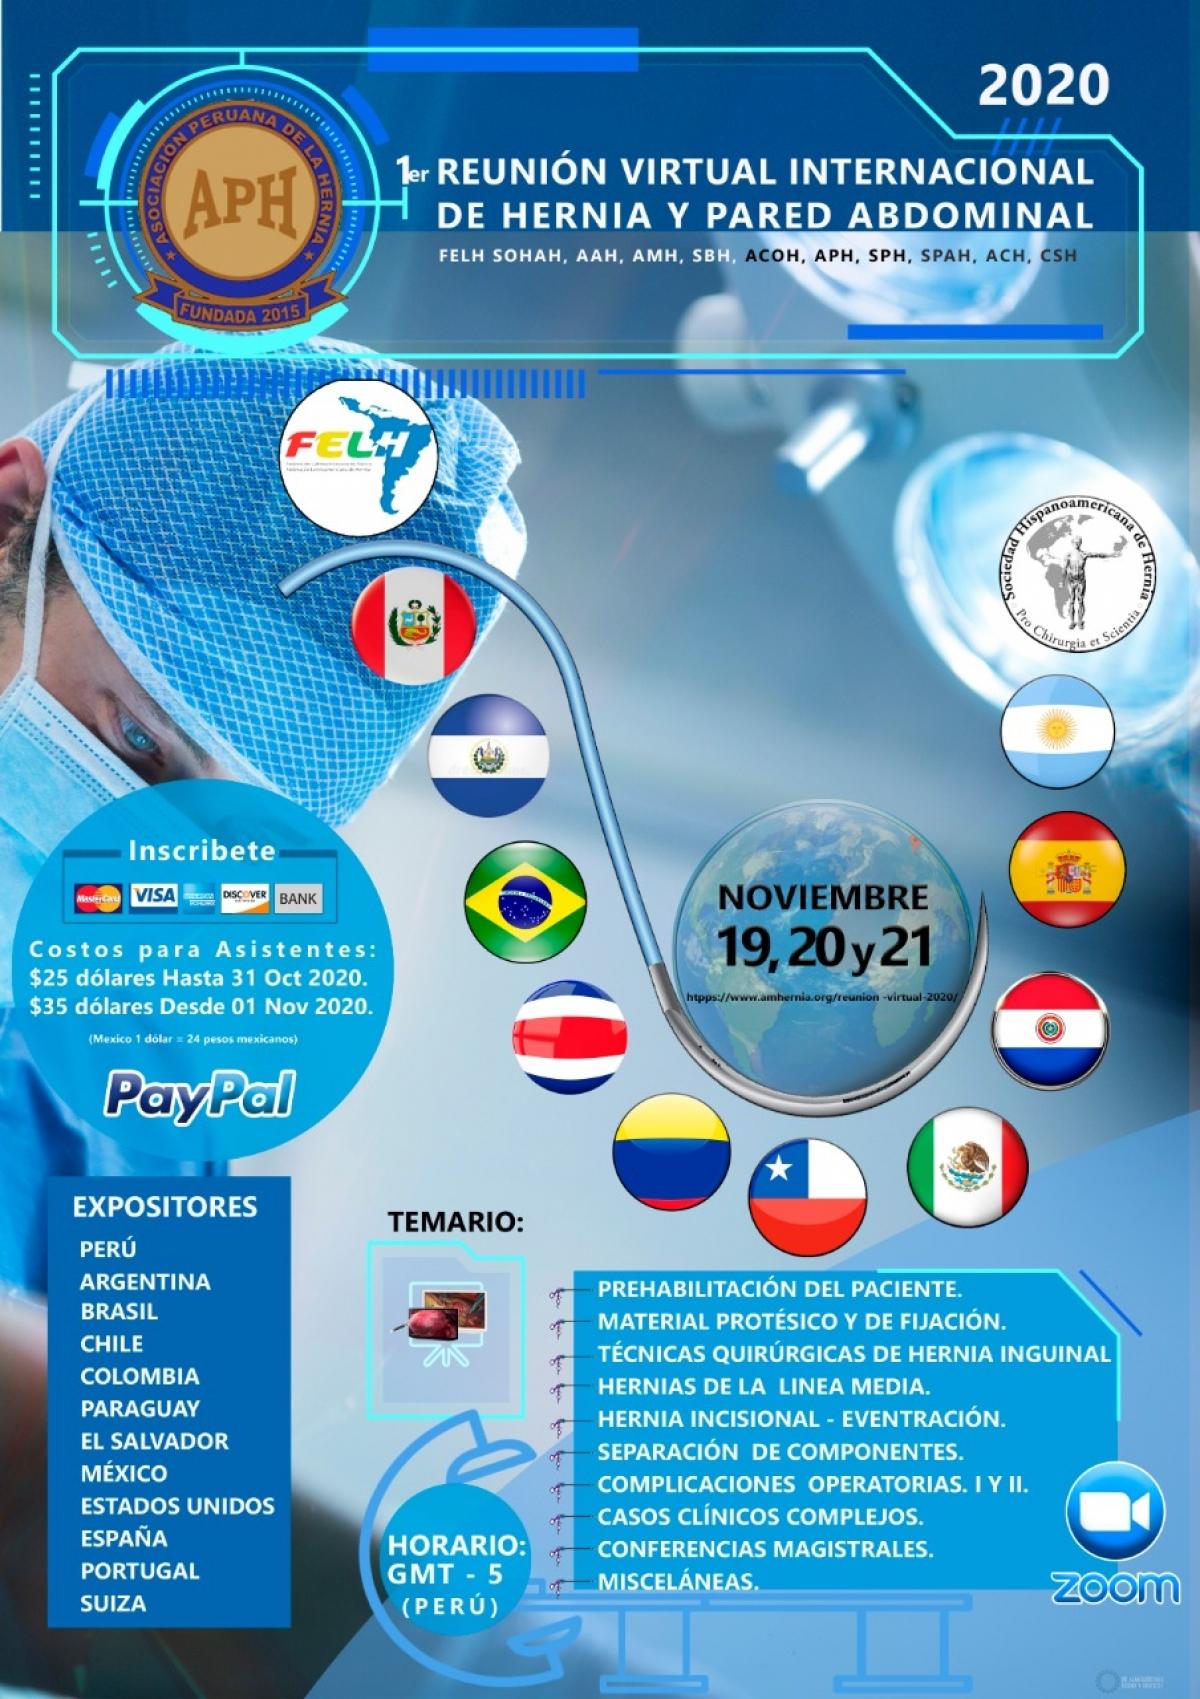 1ra Reunión internacional virtual de hernia FELH/SOHAH